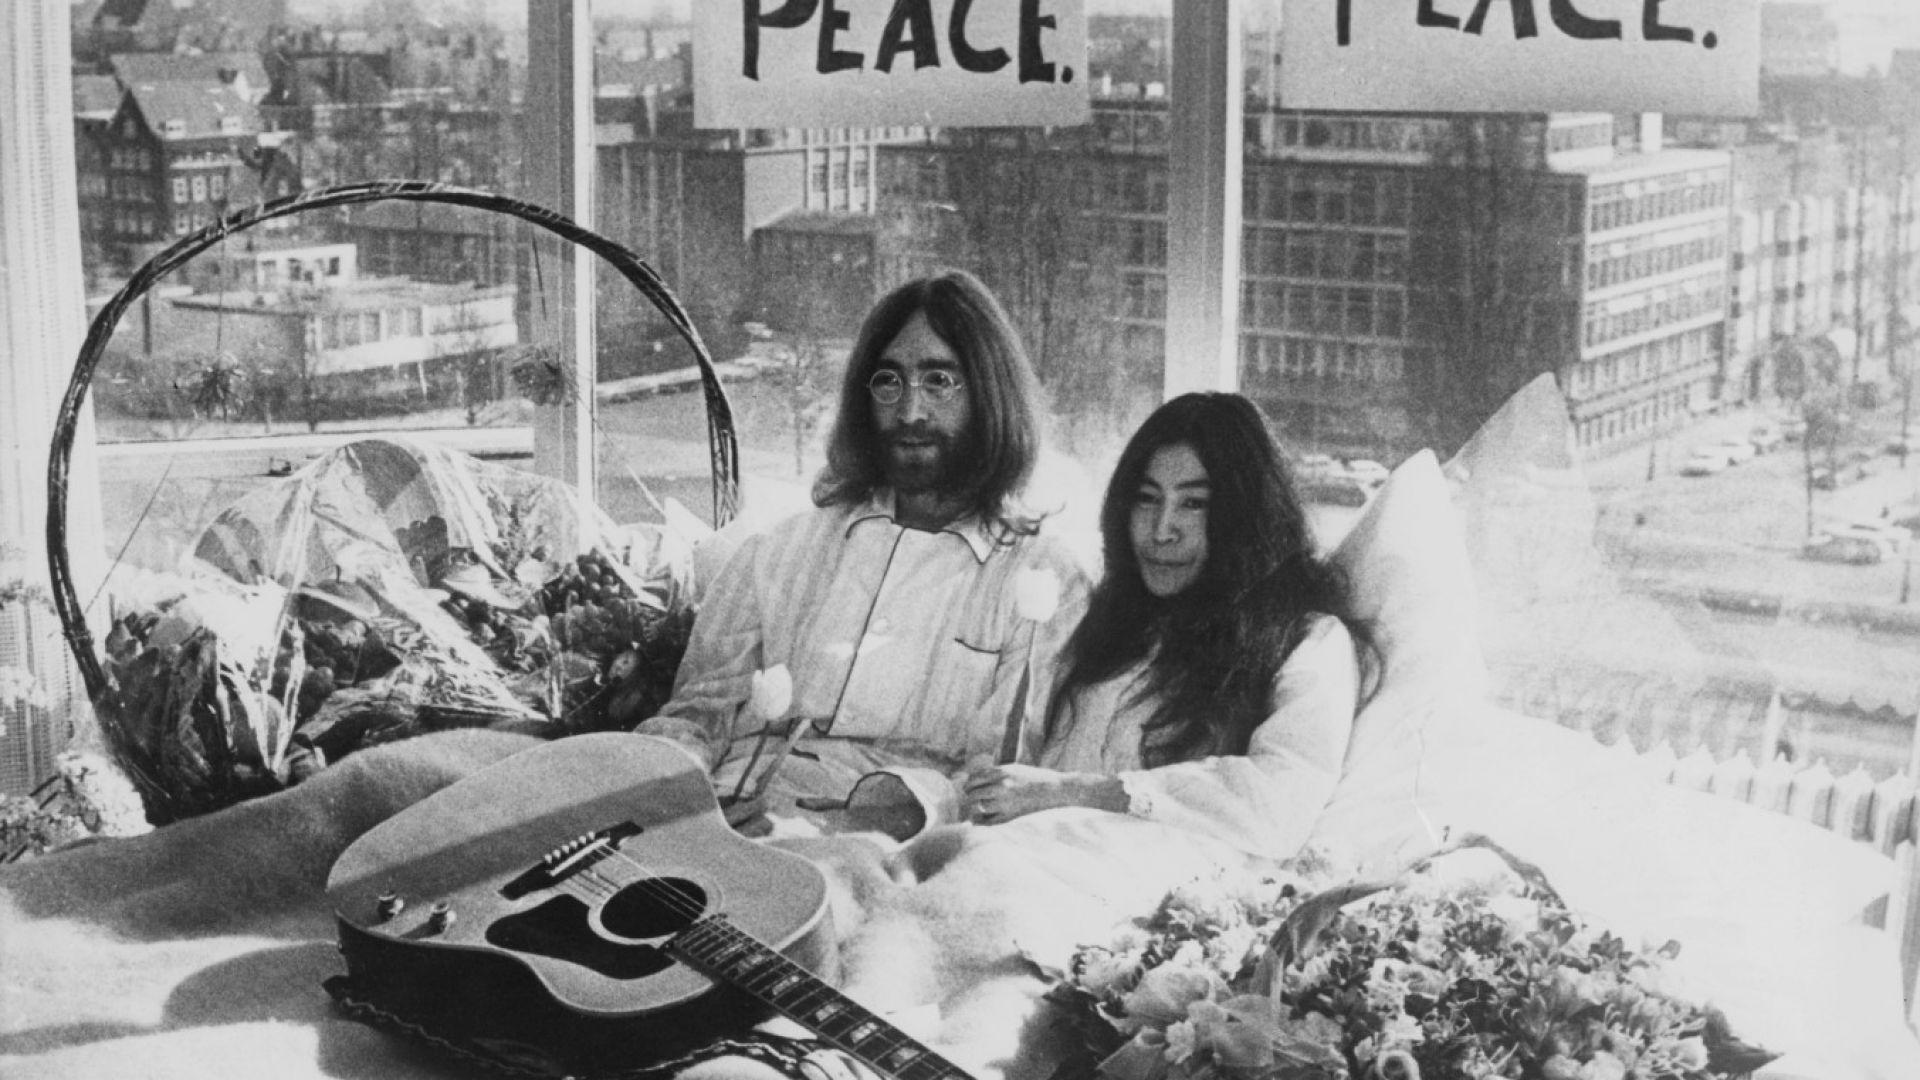 50 години от протеста на Джон Ленън и Йоко Оно от леглото